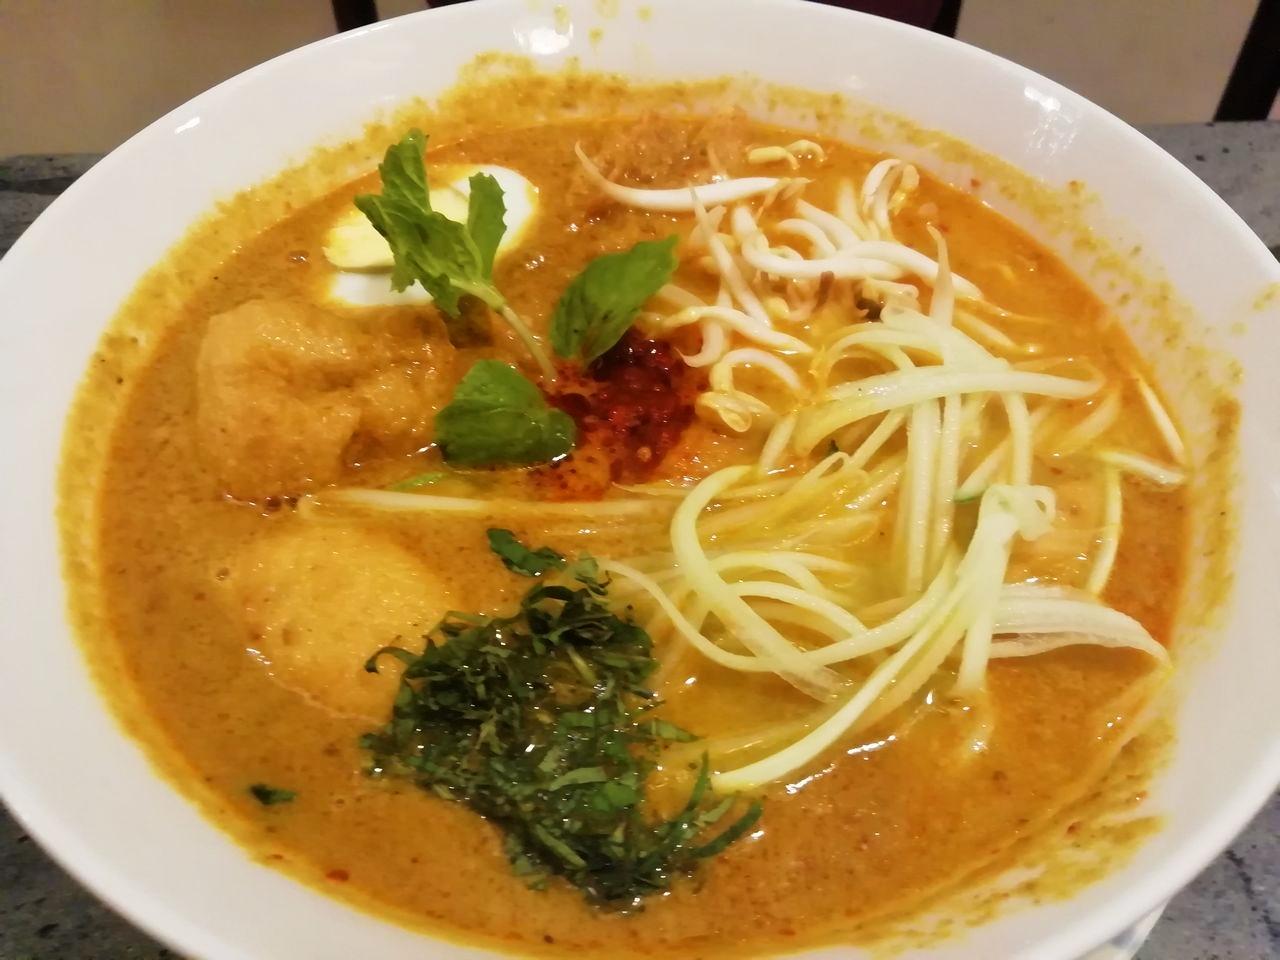 Laksa, una sopa de fideos típica de la cultura peranakan, del restaurante Wild Coriander en Malaca.